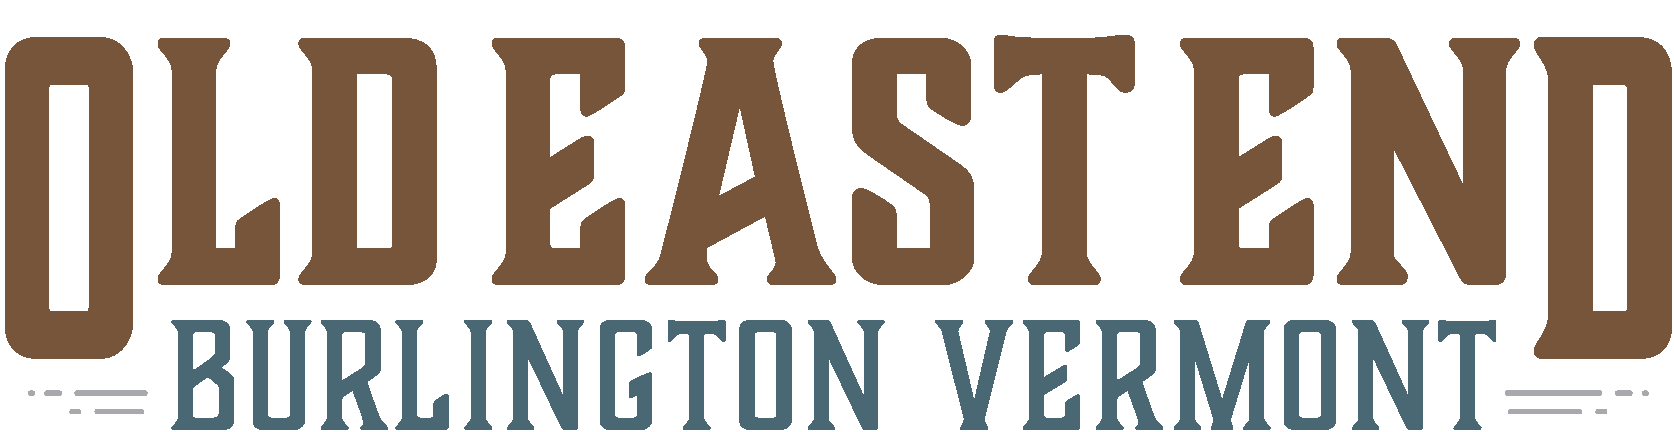 Old East End Burlington Vermont